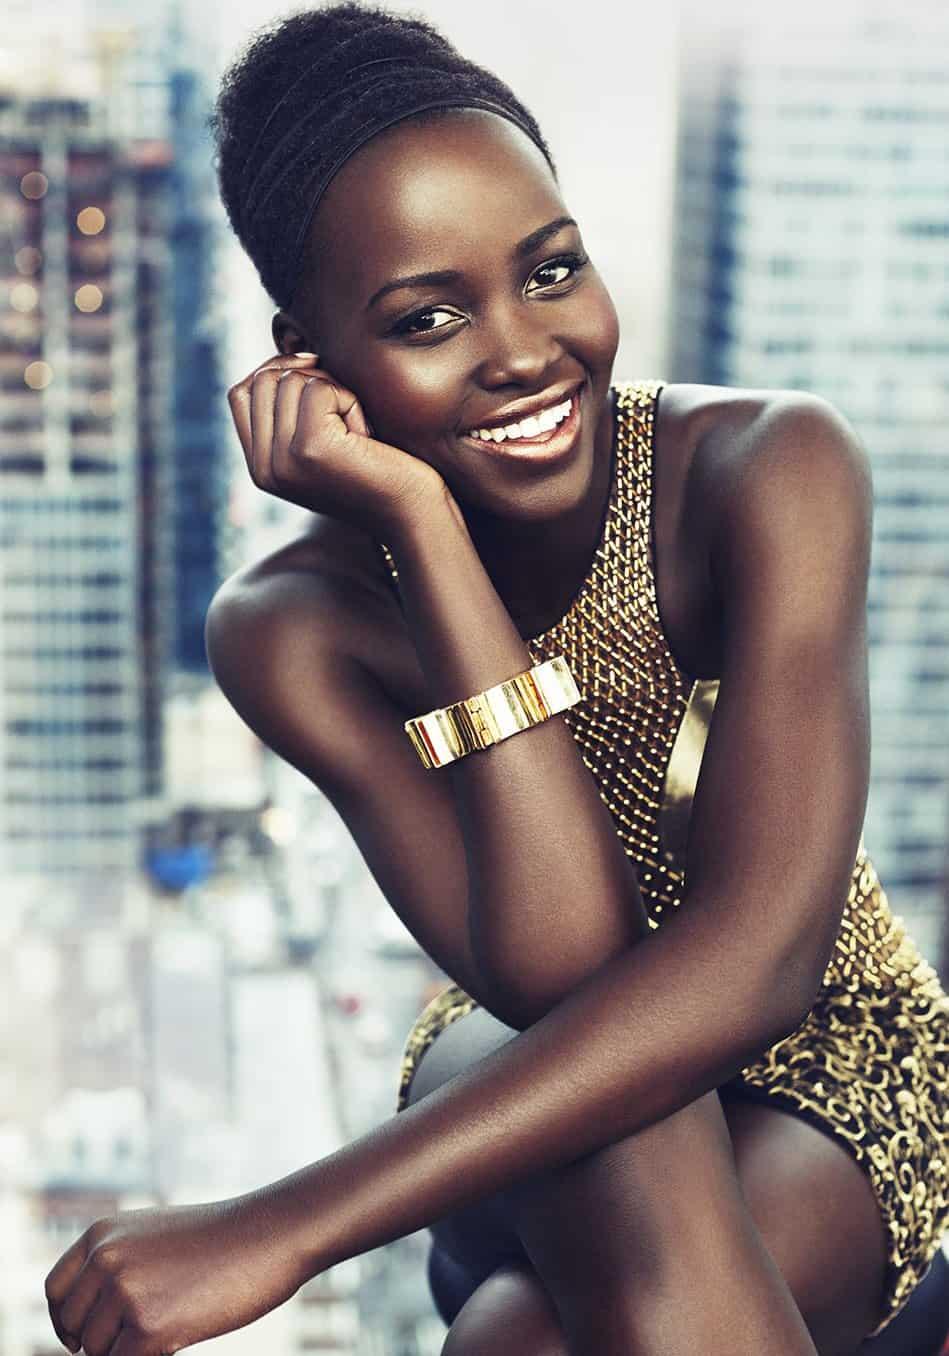 Lupita Nyong'o cute smile